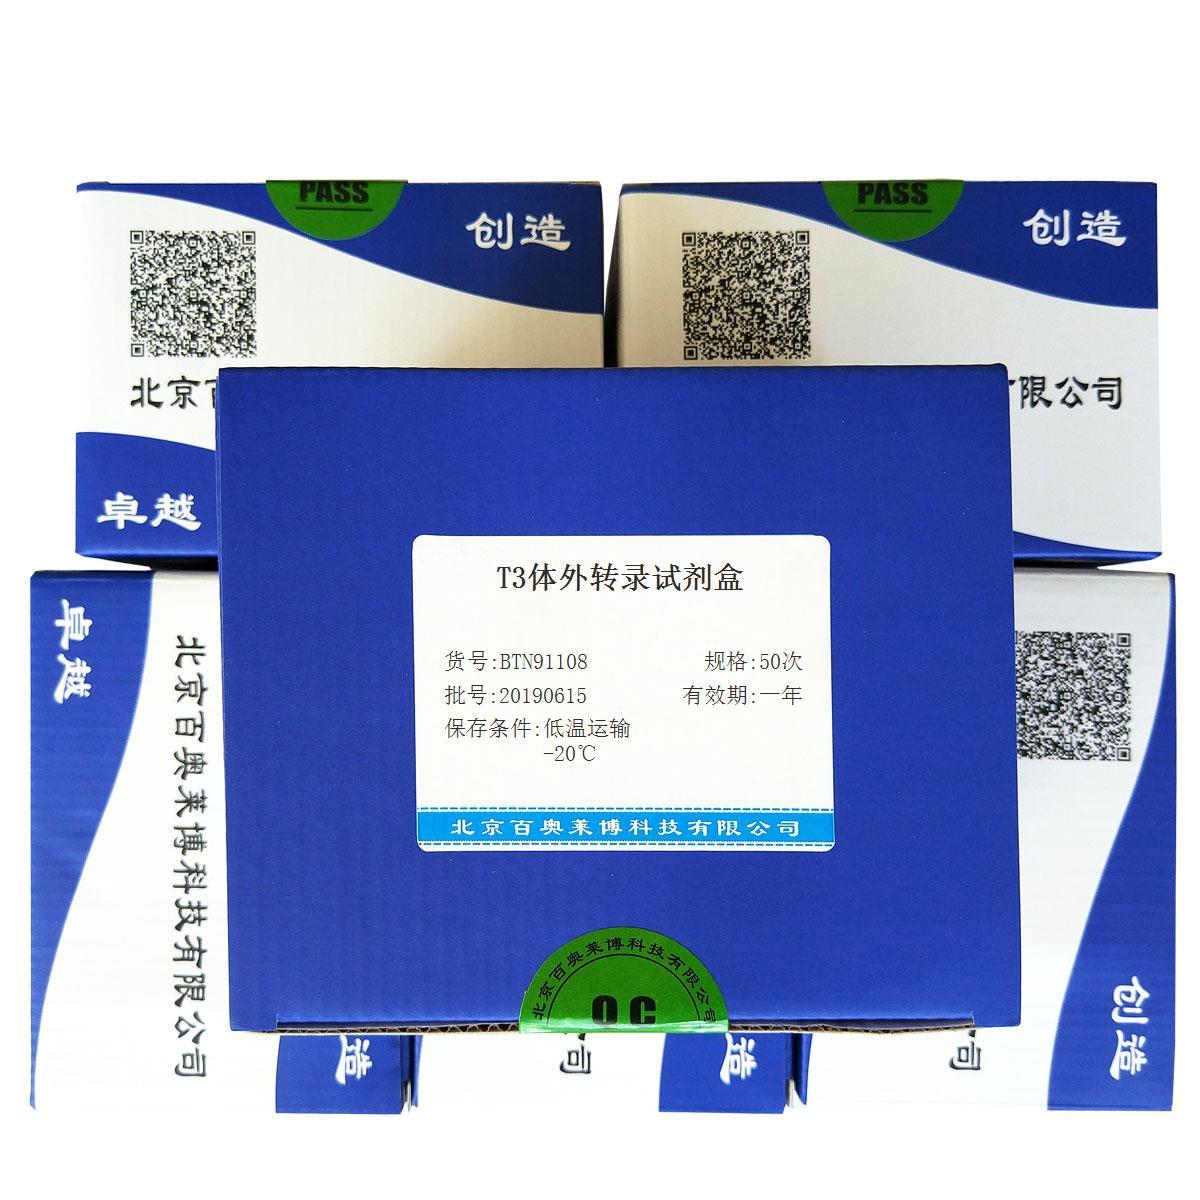 T3体外转录试剂盒价格